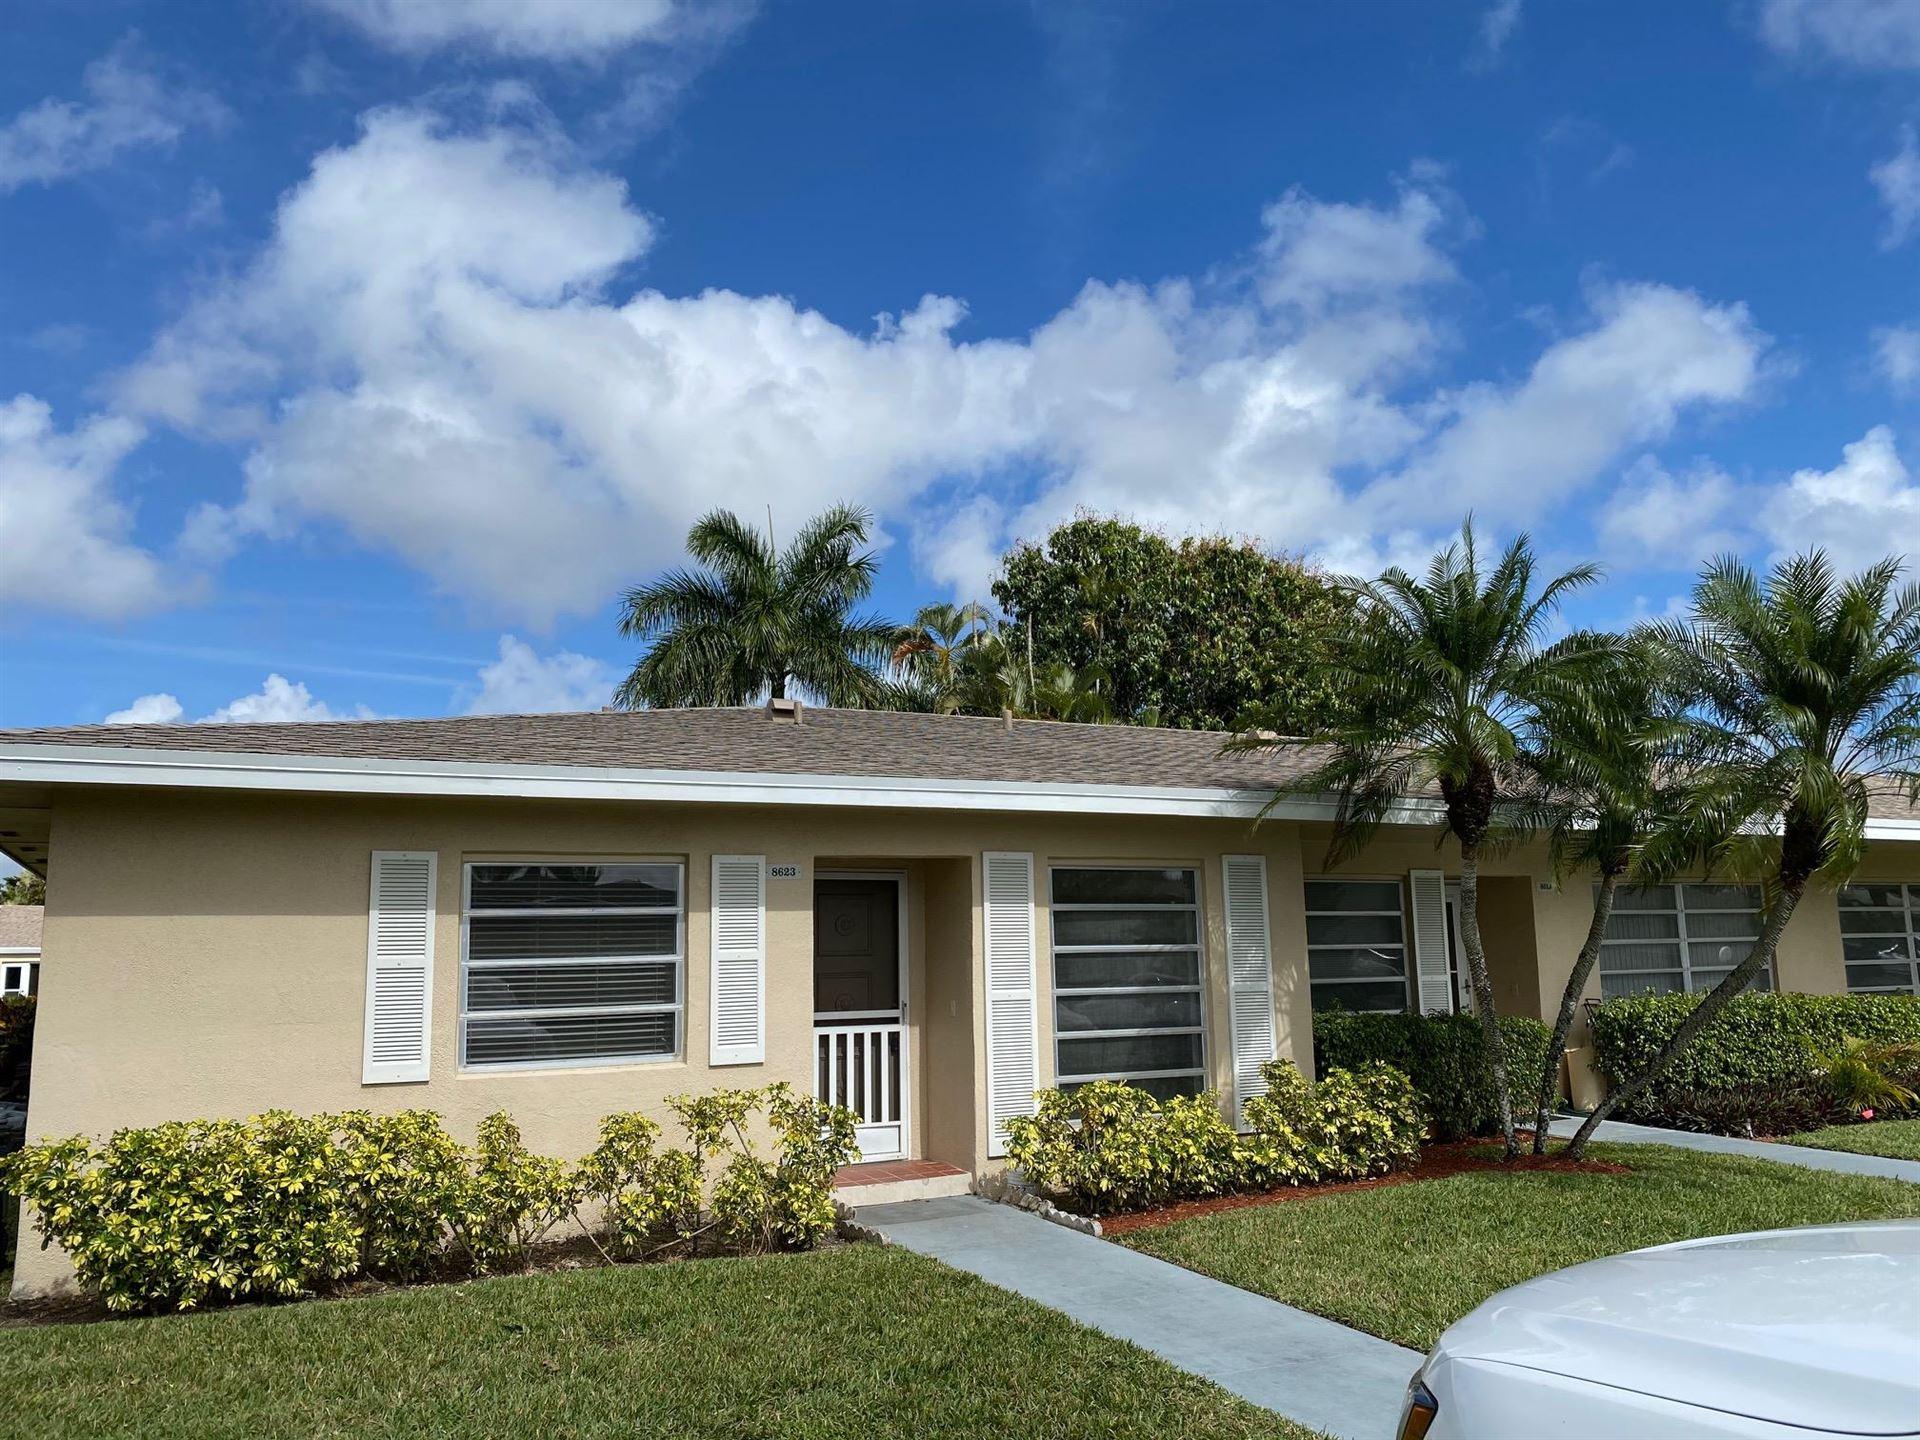 8623 Bella Vista Drive, Boca Raton, FL 33433 - #: RX-10600922